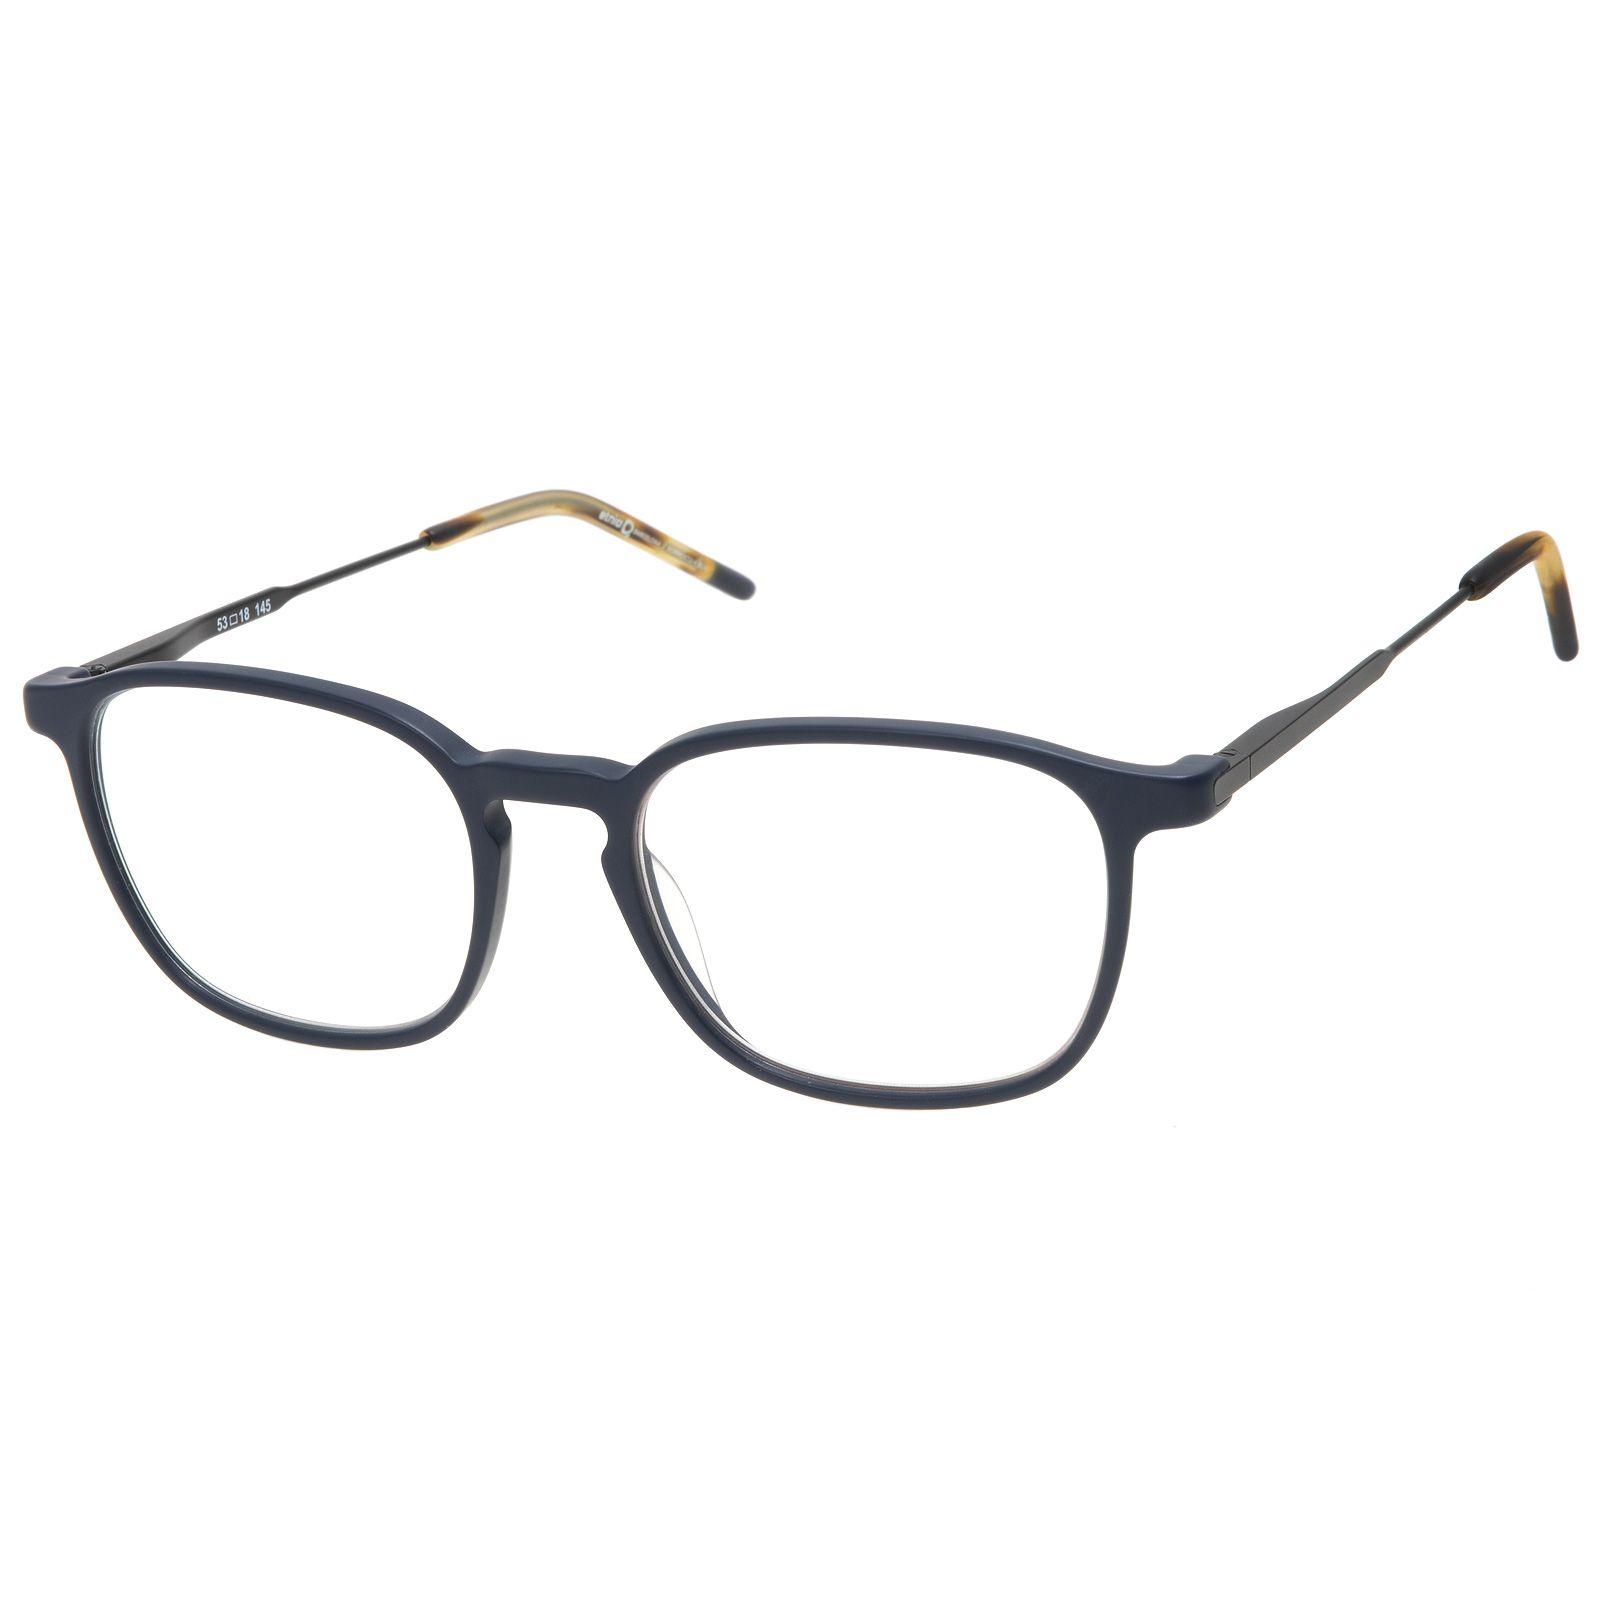 Ziemlich Vanni Brillenfassungen Bilder - Rahmen Ideen ...